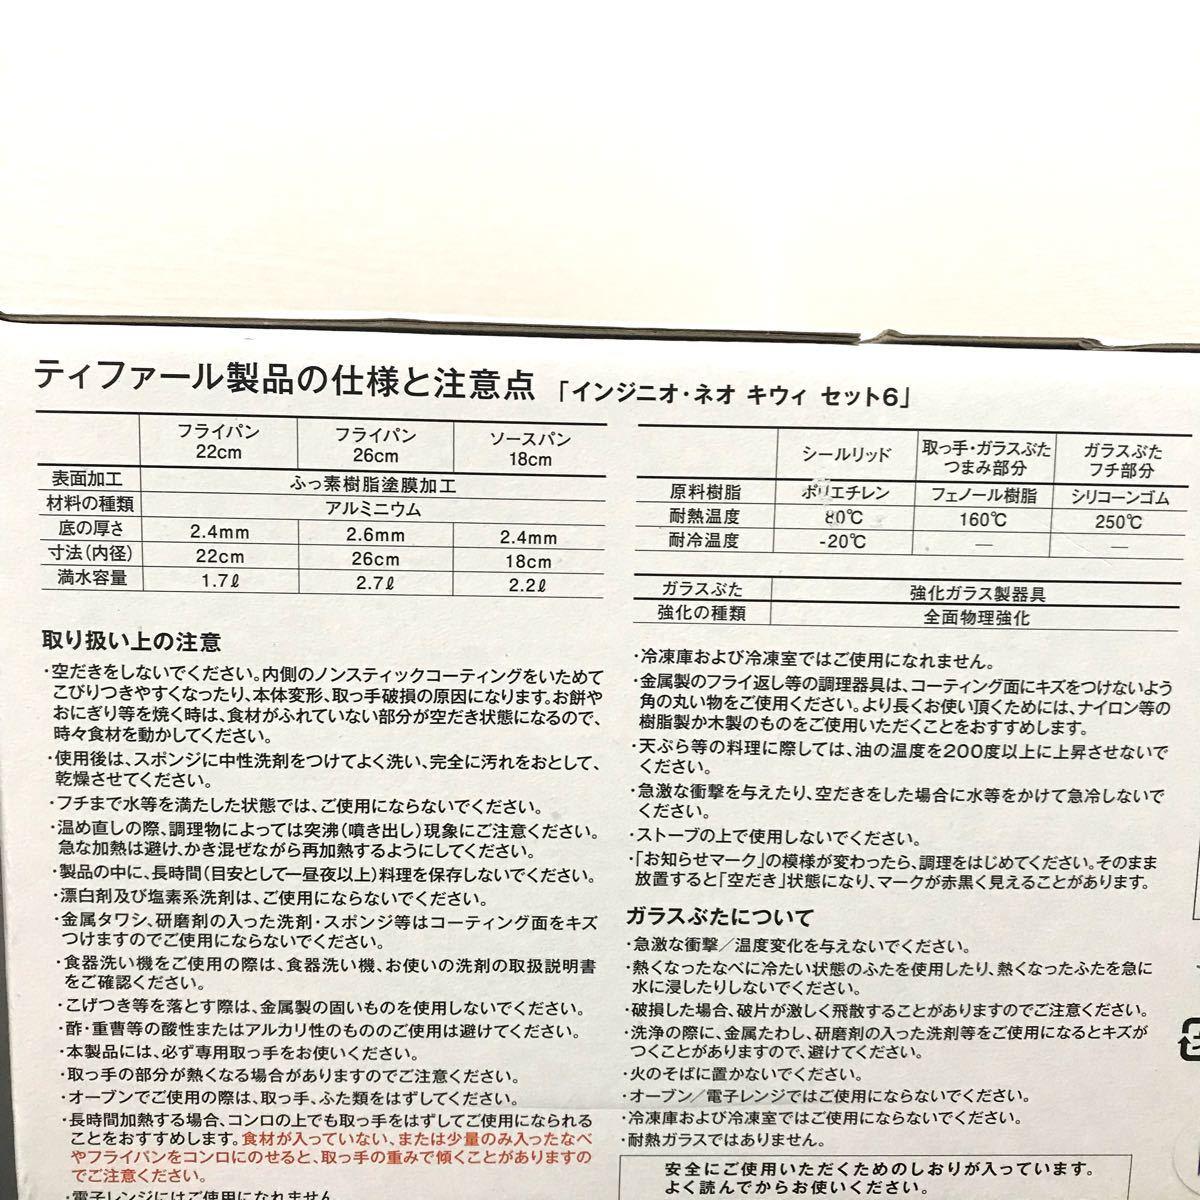 【新品未開封】ティファール インジニオネオ キウィ キウイ 6点セット ガス火専用  T-fal